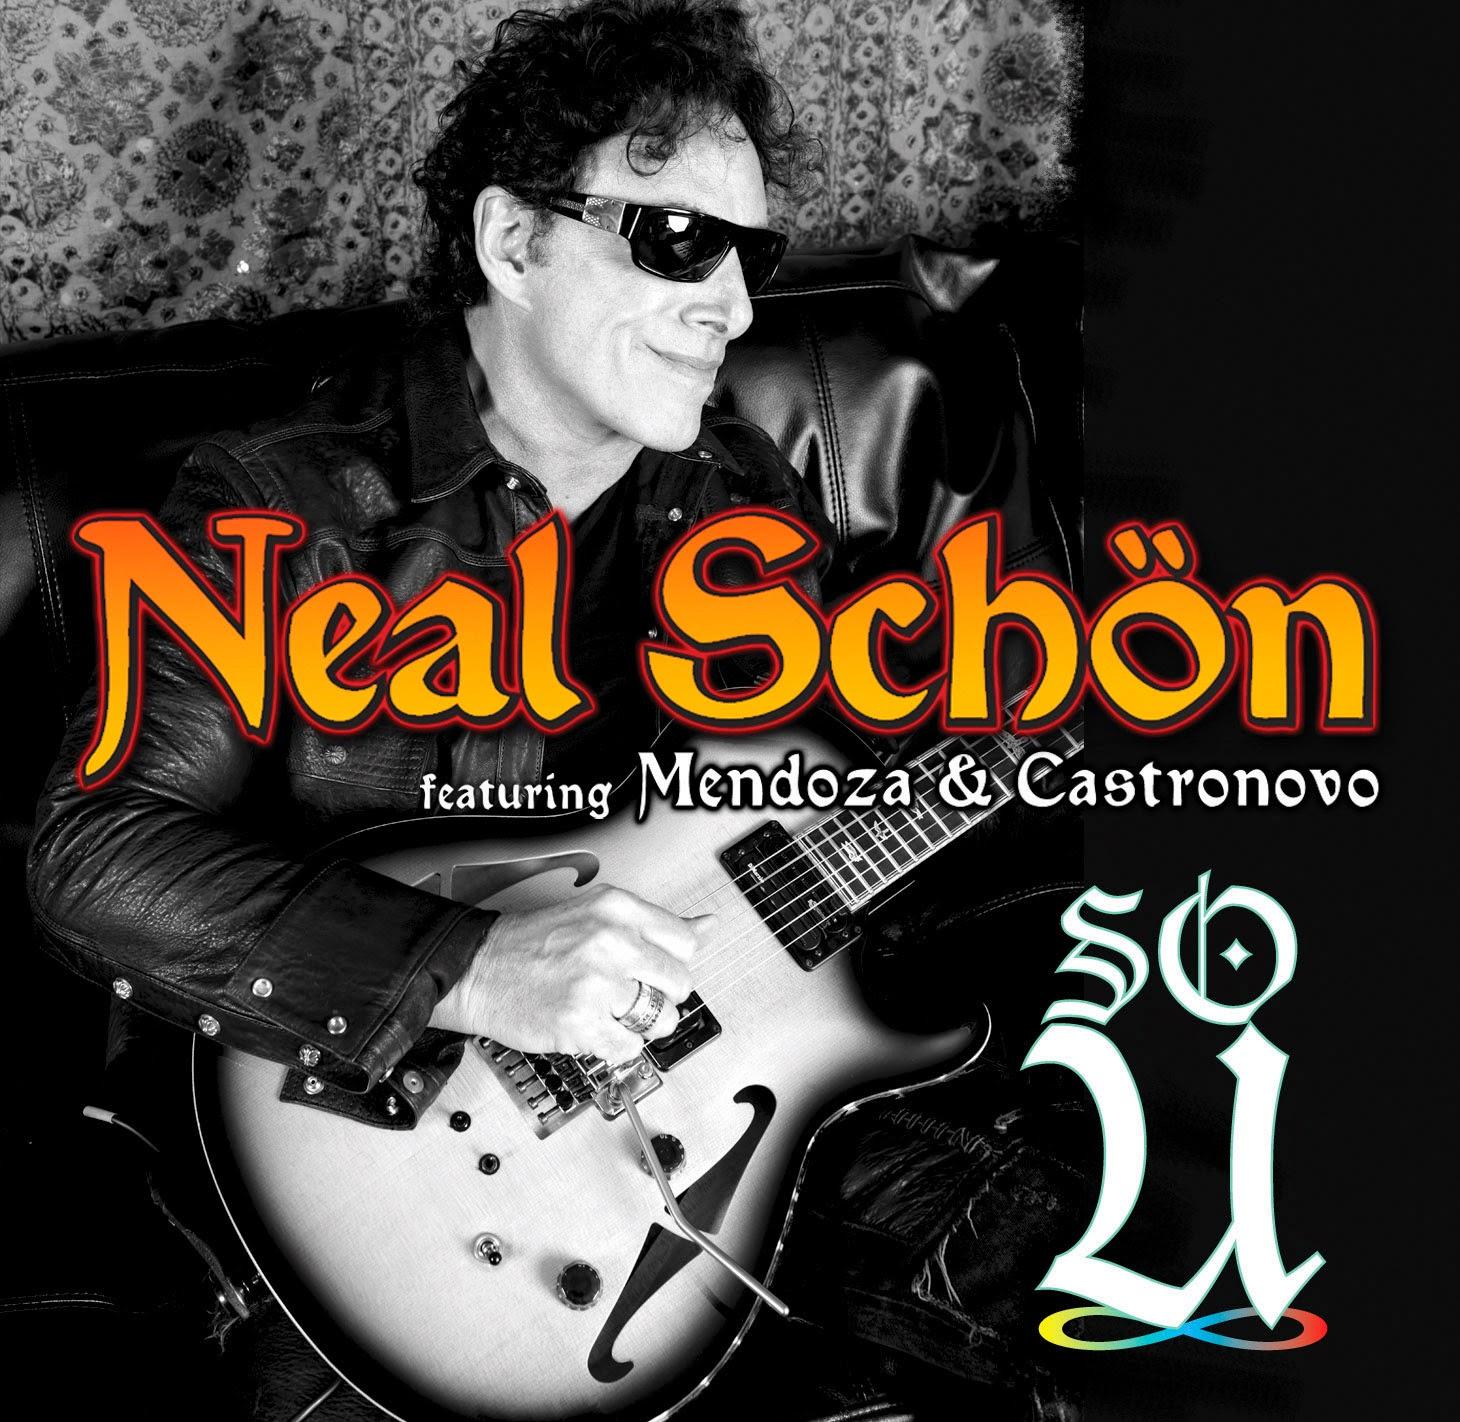 Neal Schön